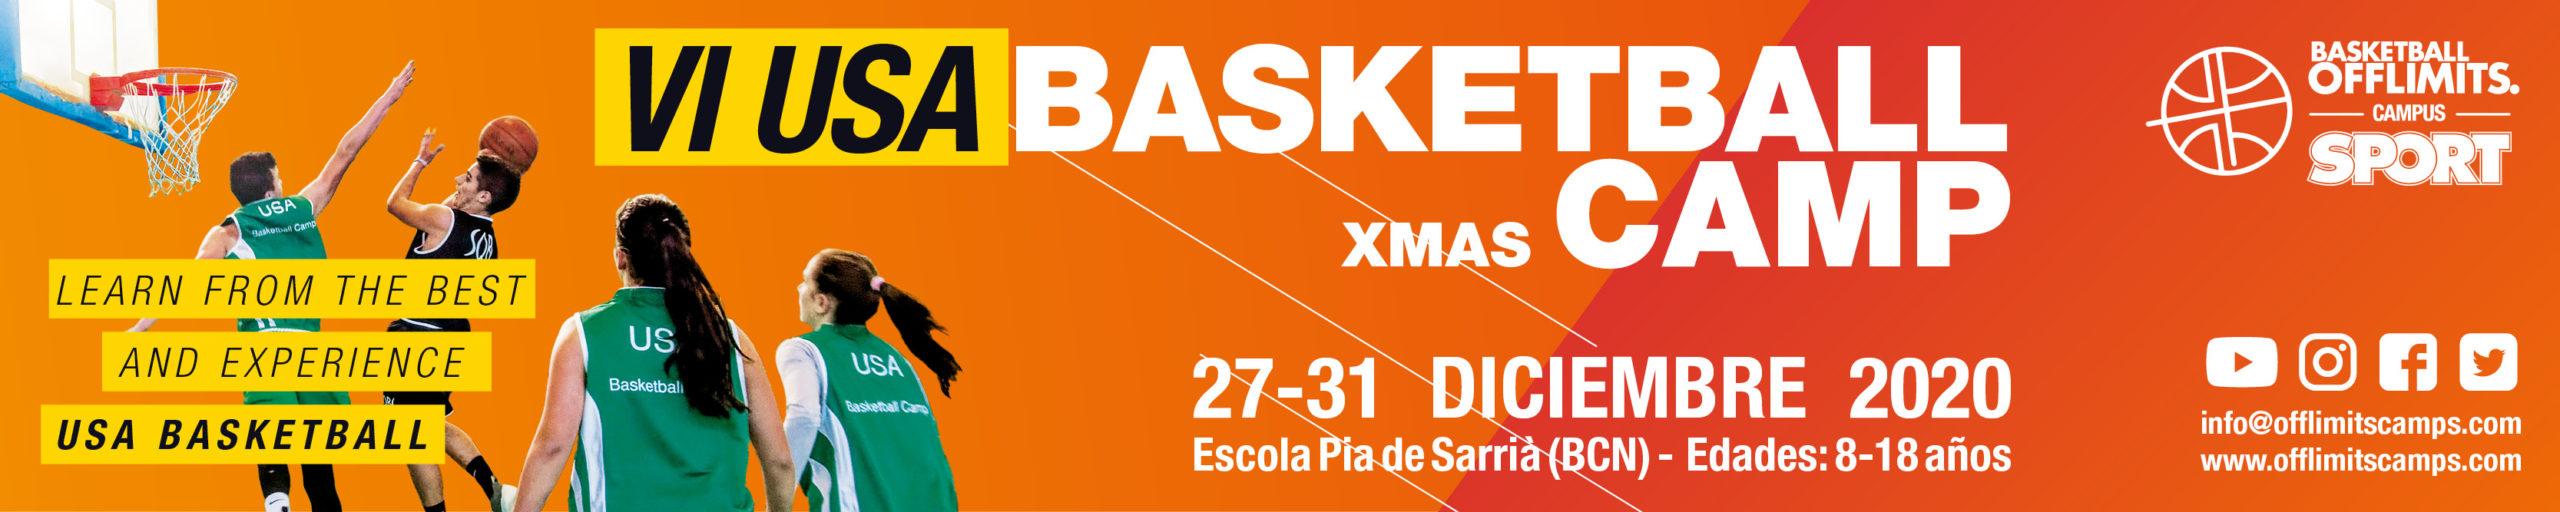 Campus de baloncesto de navidad en barcelona 2020